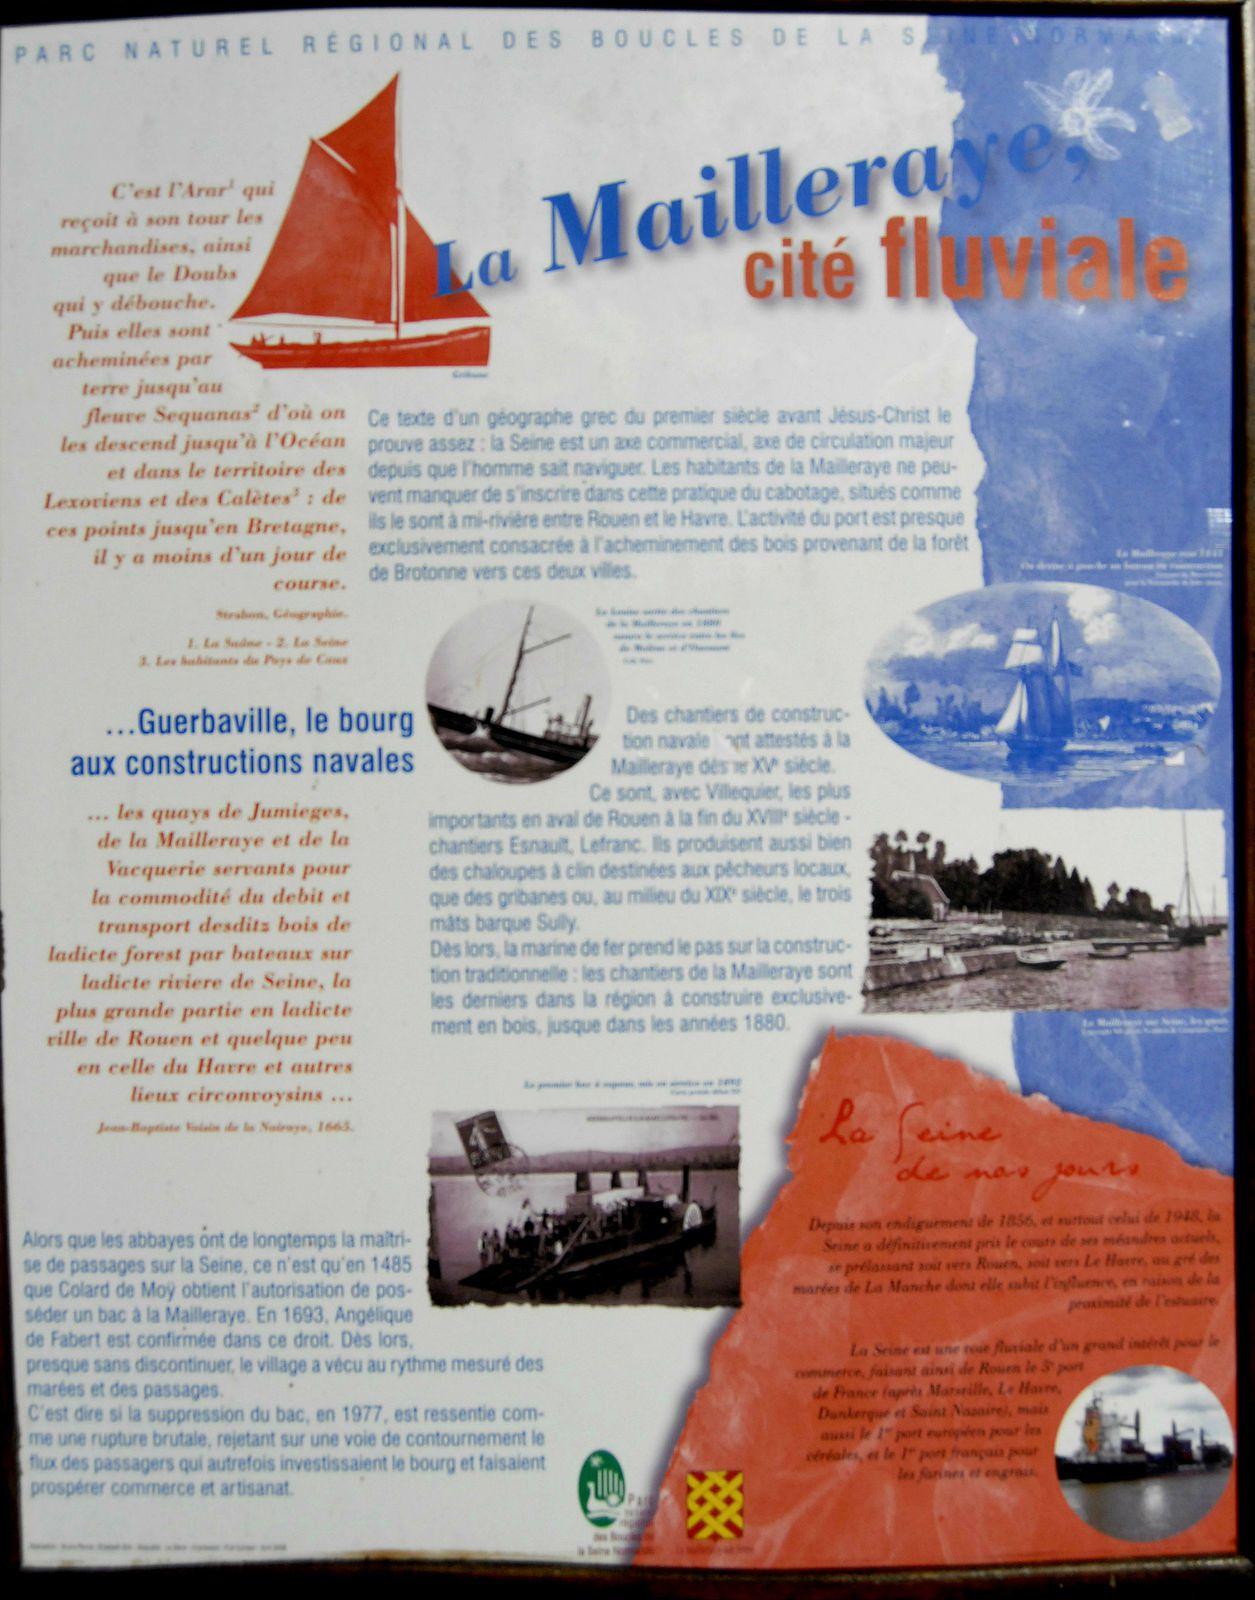 Randonnée pédestre en bord de Seine normande de Poses à l'estuaire - étape 25 - La Mailleraye-sur-Seine - Arelaune-en-Seine - St Nicolas de Bliquetuit - rive gauche - Seine Maritime - 2008-2015